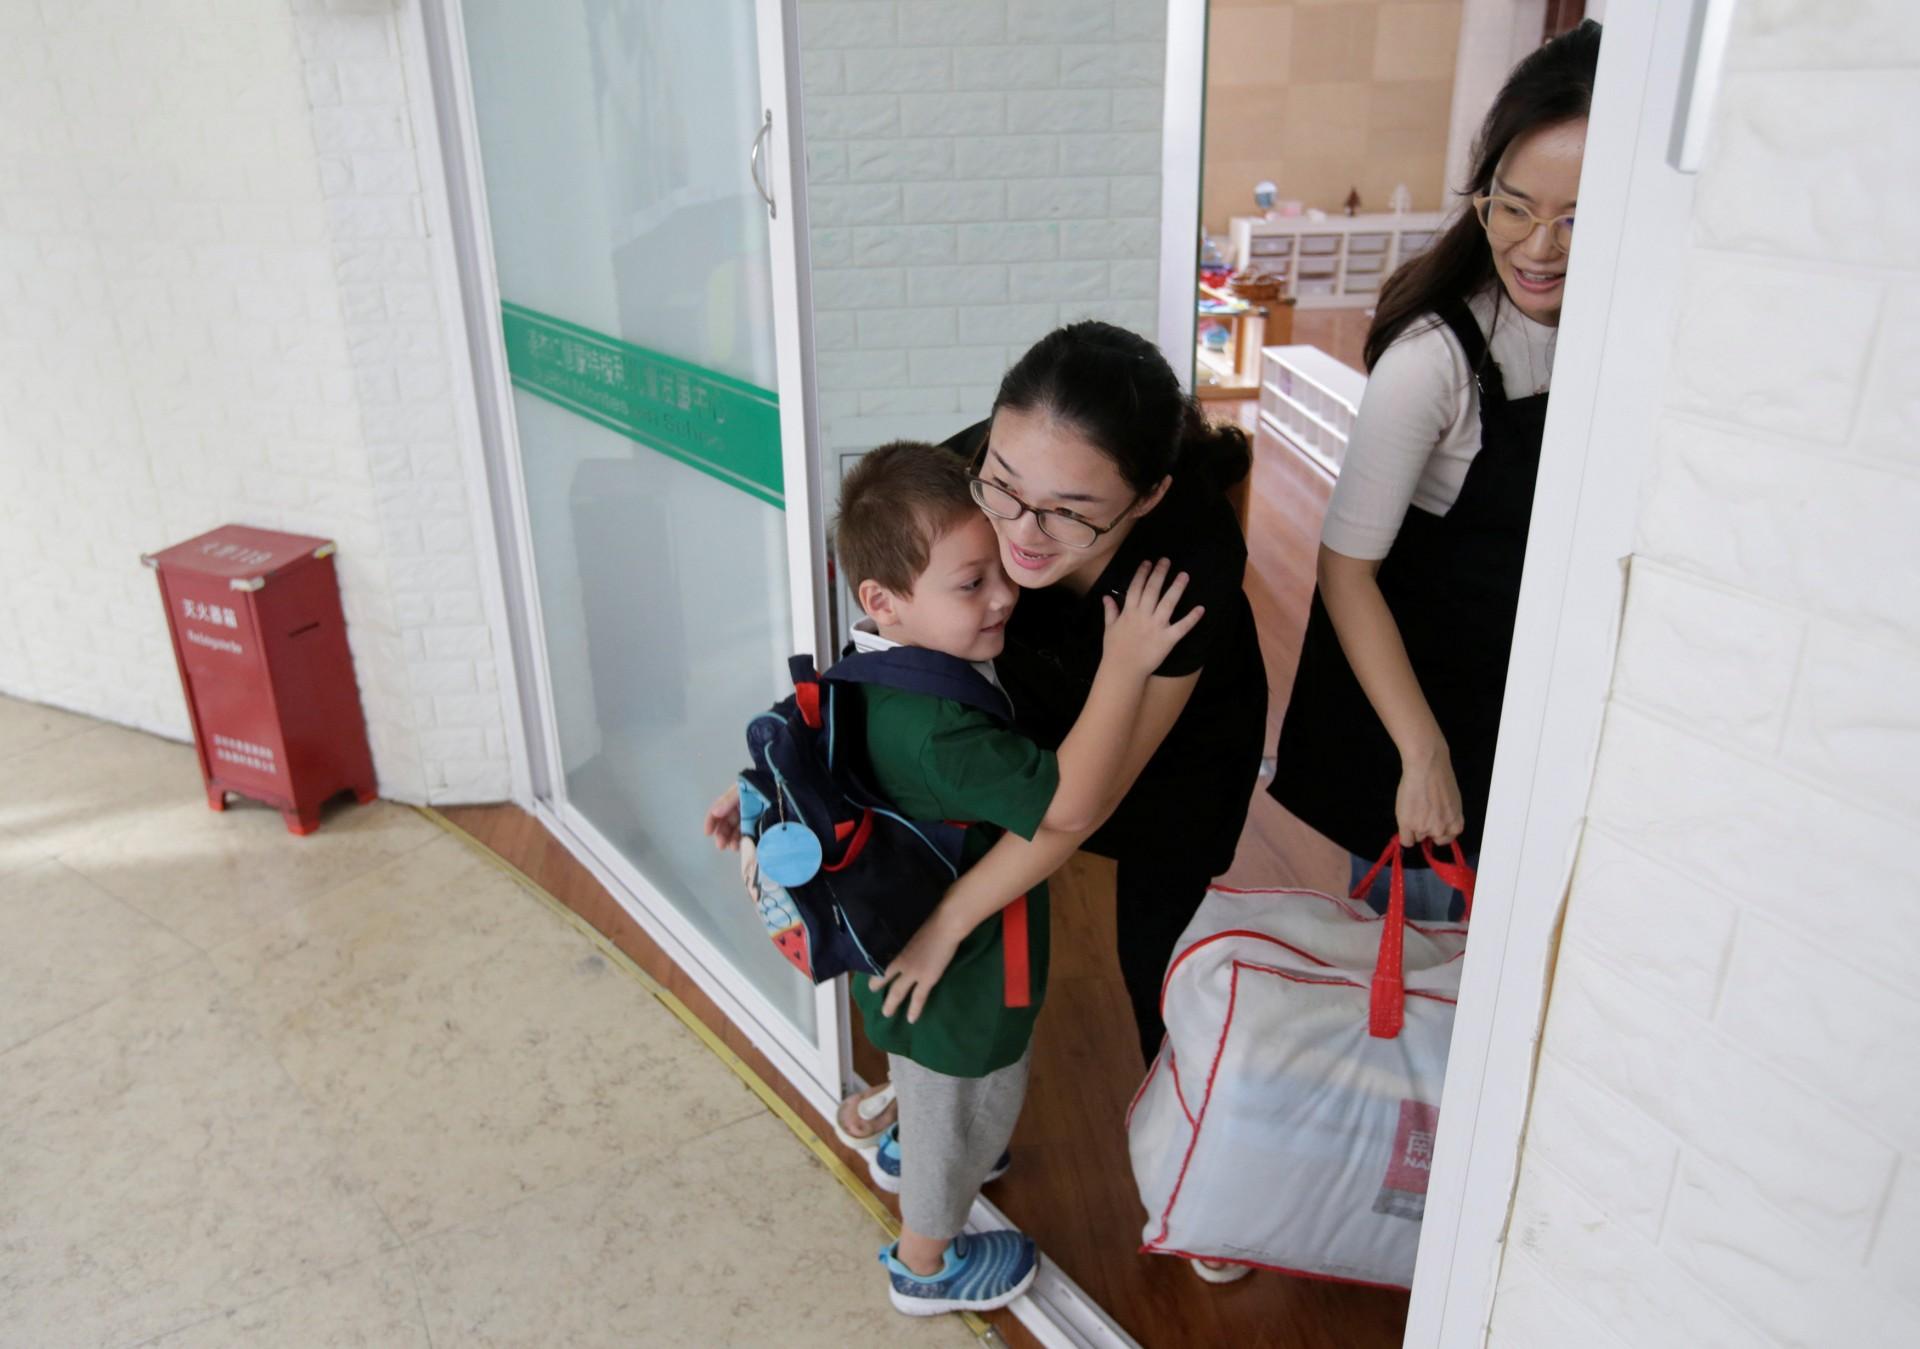 An Zhifei, uno de los tres hijos de An Hui y Ye Jianbin, abraza a su maestro cuando él y sus hermanos llegan a un jardín de infantes en Shenzhen.